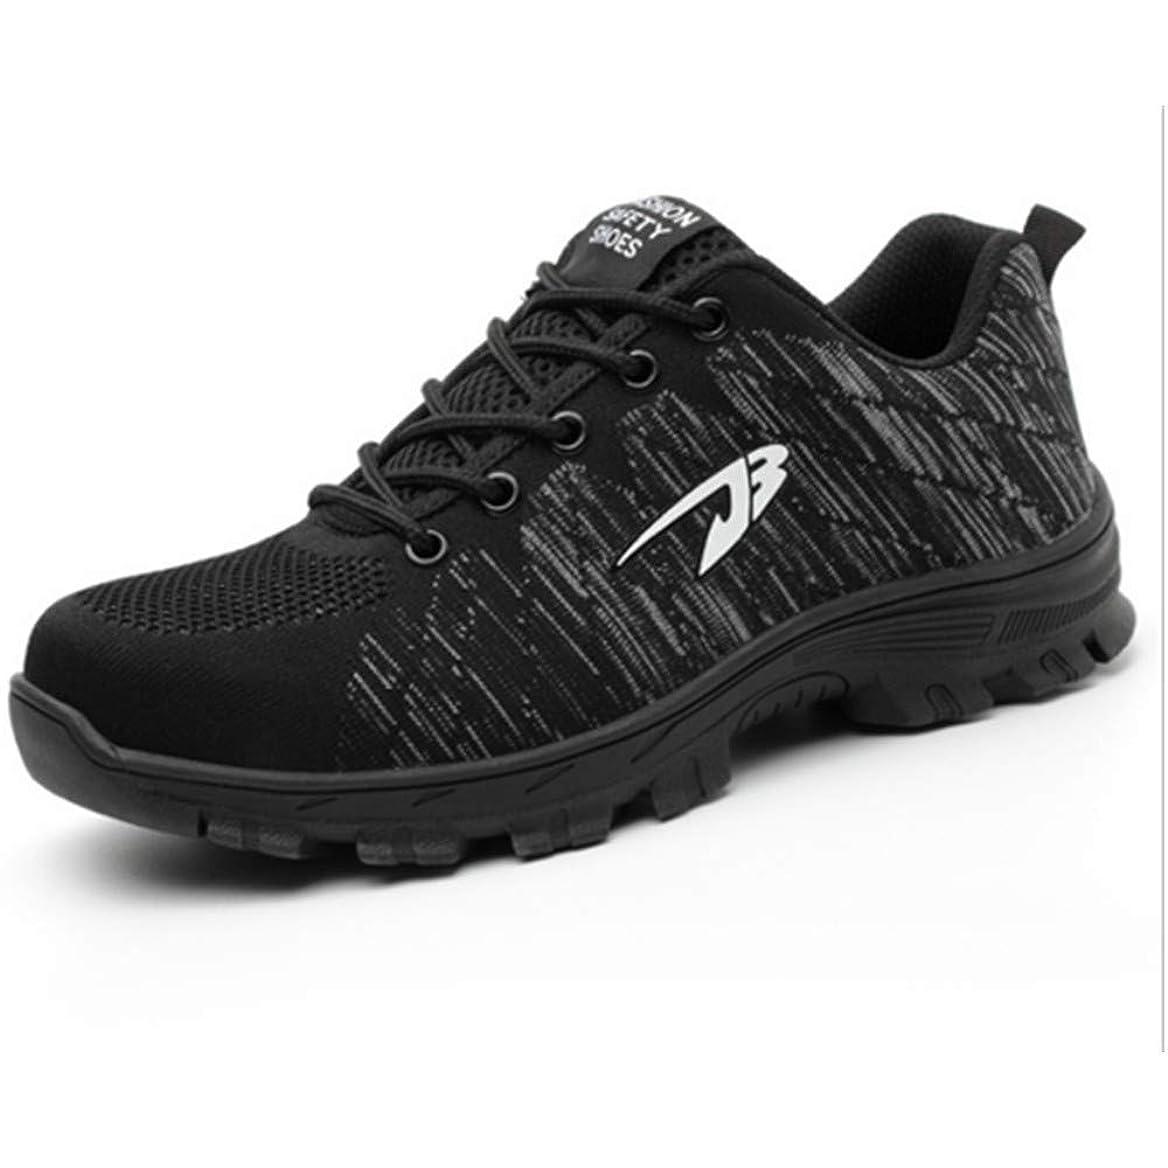 前奏曲コンサルタント発音安全靴 作業靴 セーフティーシューズ 通気性抜群つま先保護 スニーカー 登山靴 防滑 通気性 男女兼用ブラック (26cm)